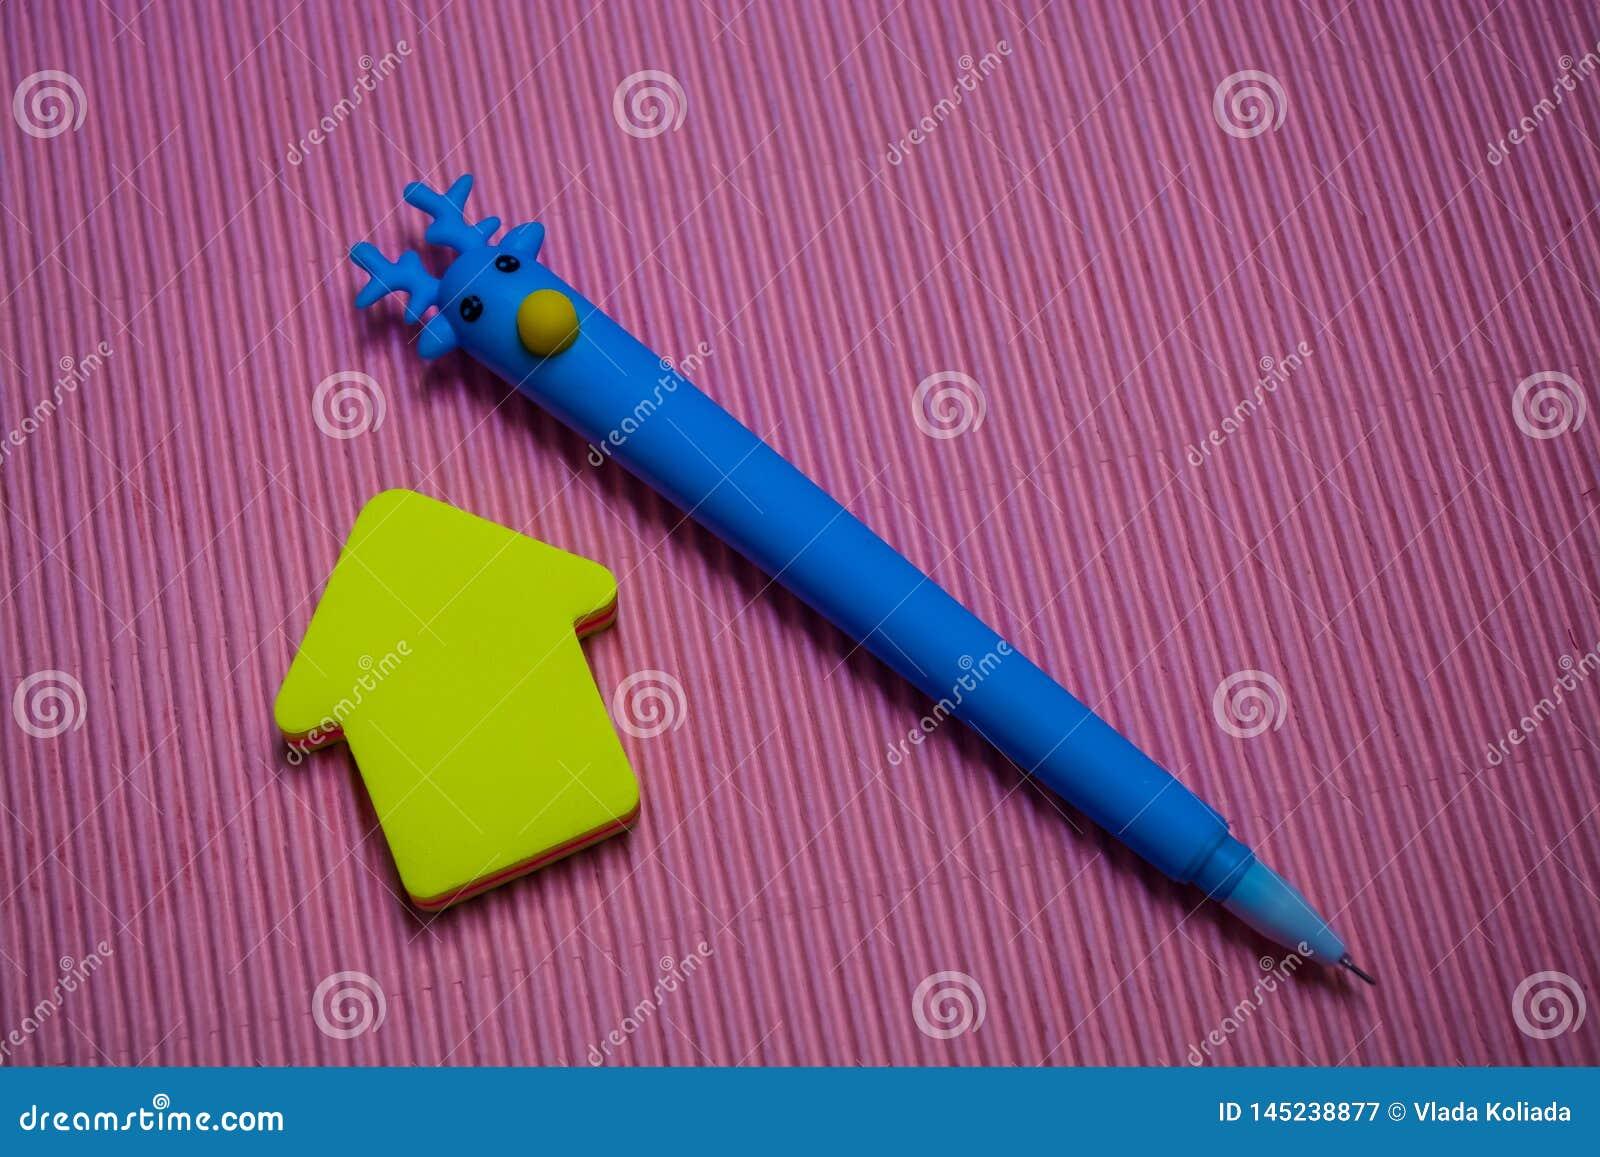 Στο μονοφωνικό φωτεινό ρόδινο υπόβαθρο η ασυνήθιστη μπλε μάνδρα με το